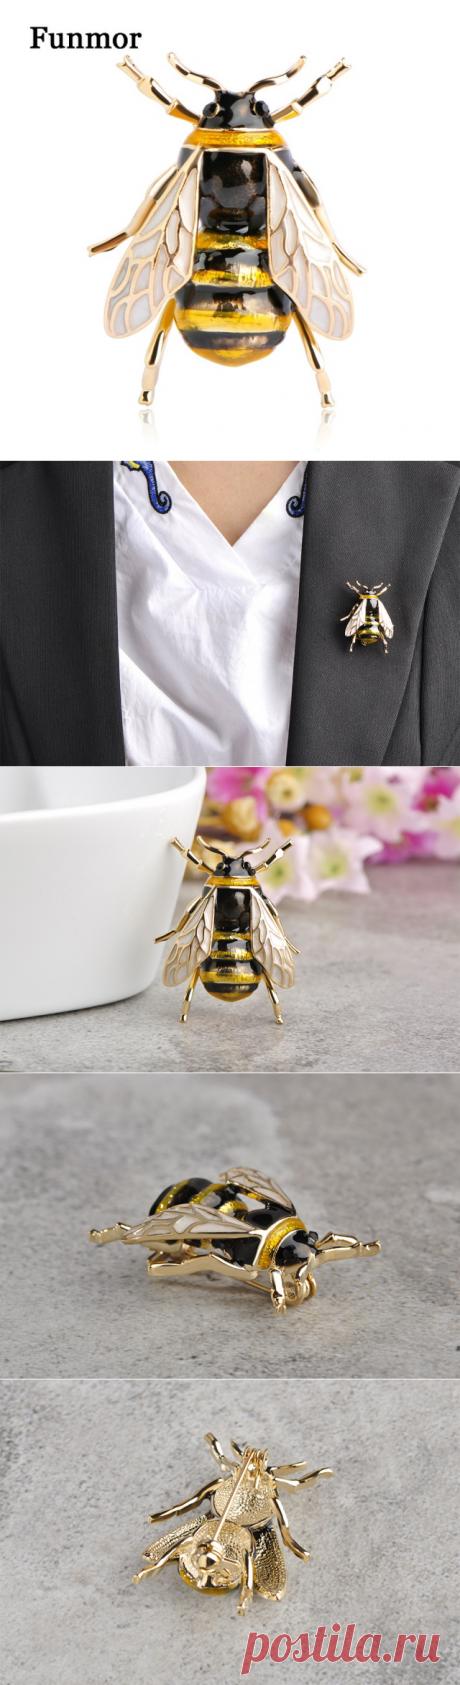 Funmor Шмель брошь корсаж эмаль esmalte крыло насекомого Шапки шарф Зажимы Интимные аксессуары Для женщин Для мужчин бутоньерка животного Броши купить на AliExpress